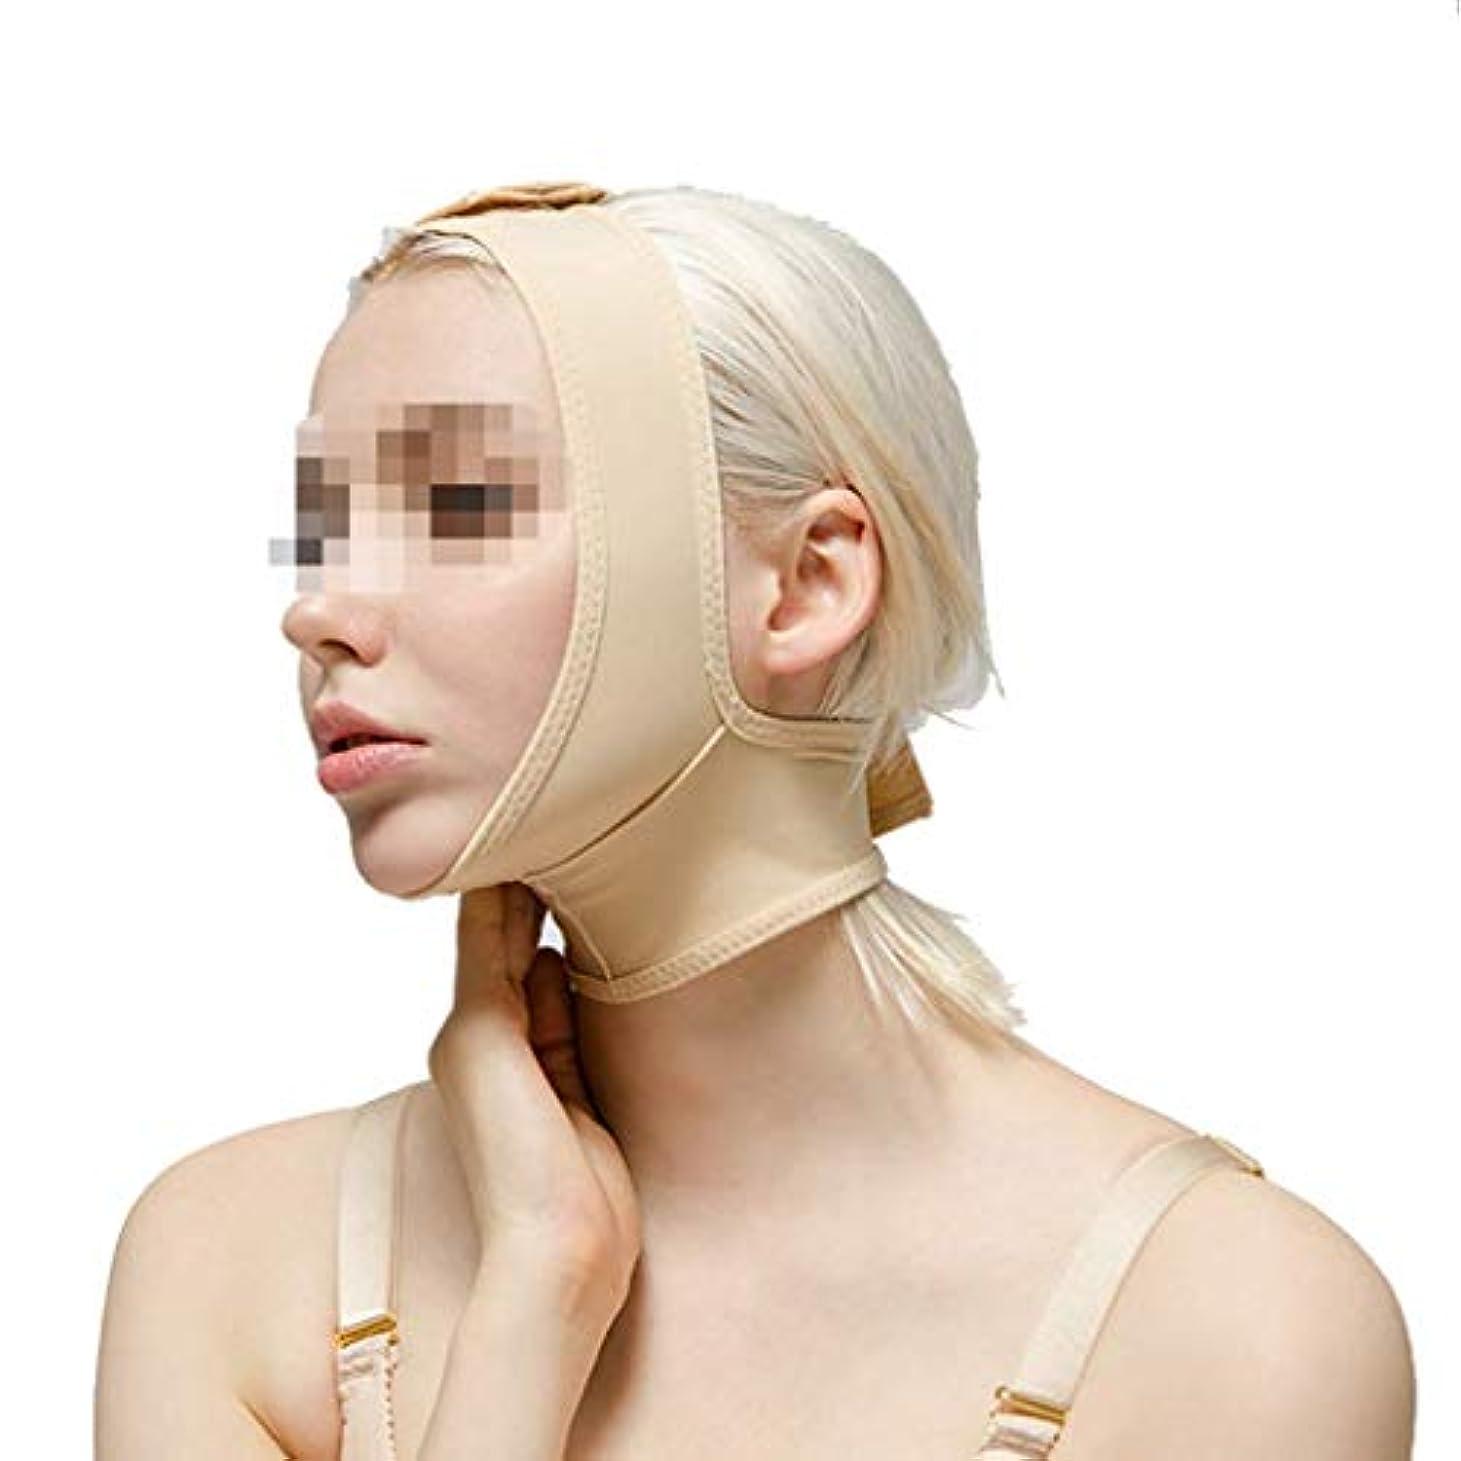 破壊的カロリー女優術後伸縮性スリーブ、下顎束フェイスバンデージフェイシャルビームダブルチンシンフェイスマスクマルチサイズオプション(サイズ:L),XS